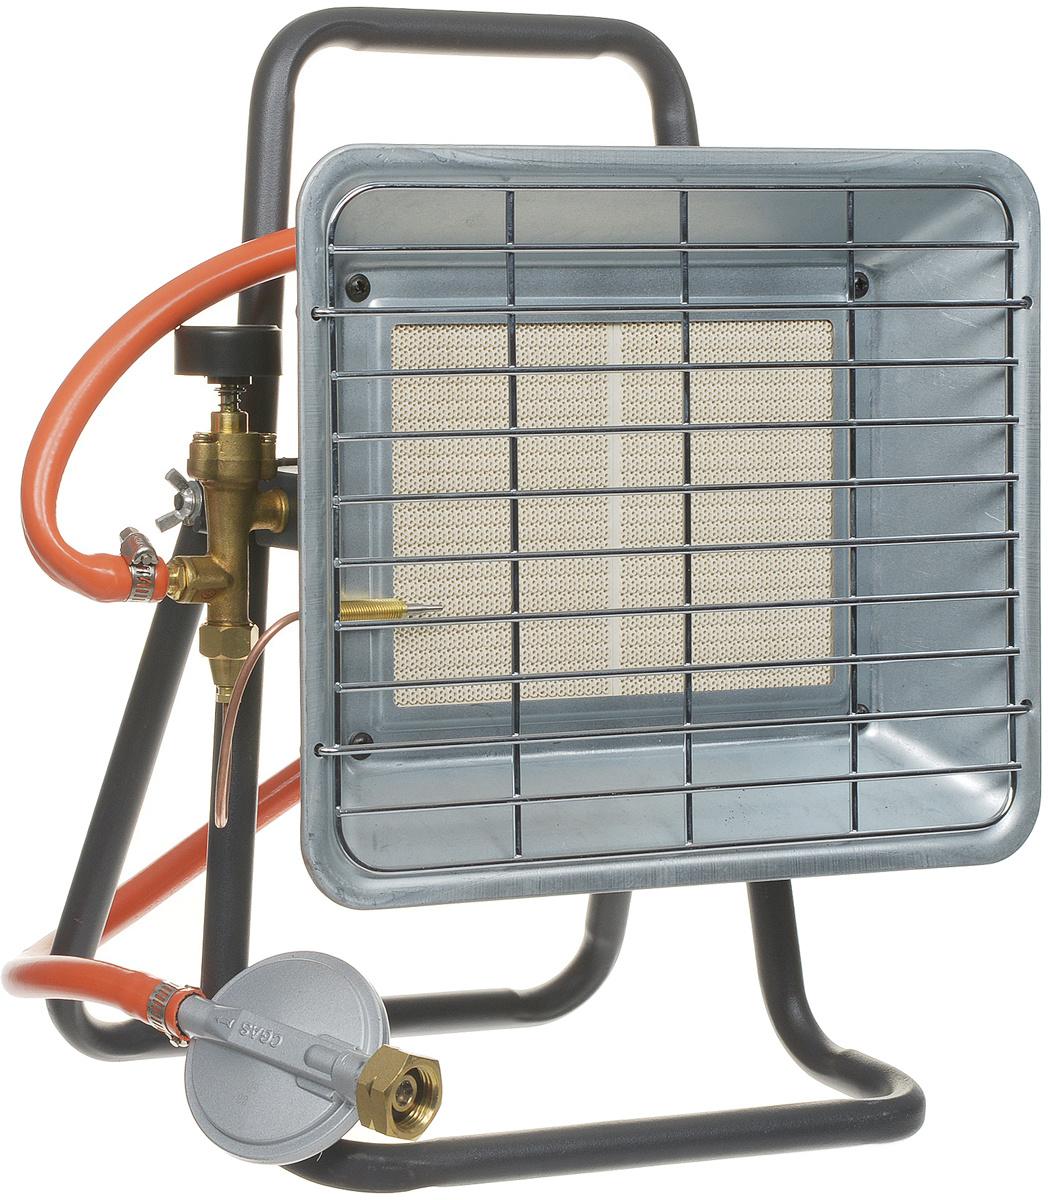 Какой газовый обогреватель лучше инфракрасный или керамический